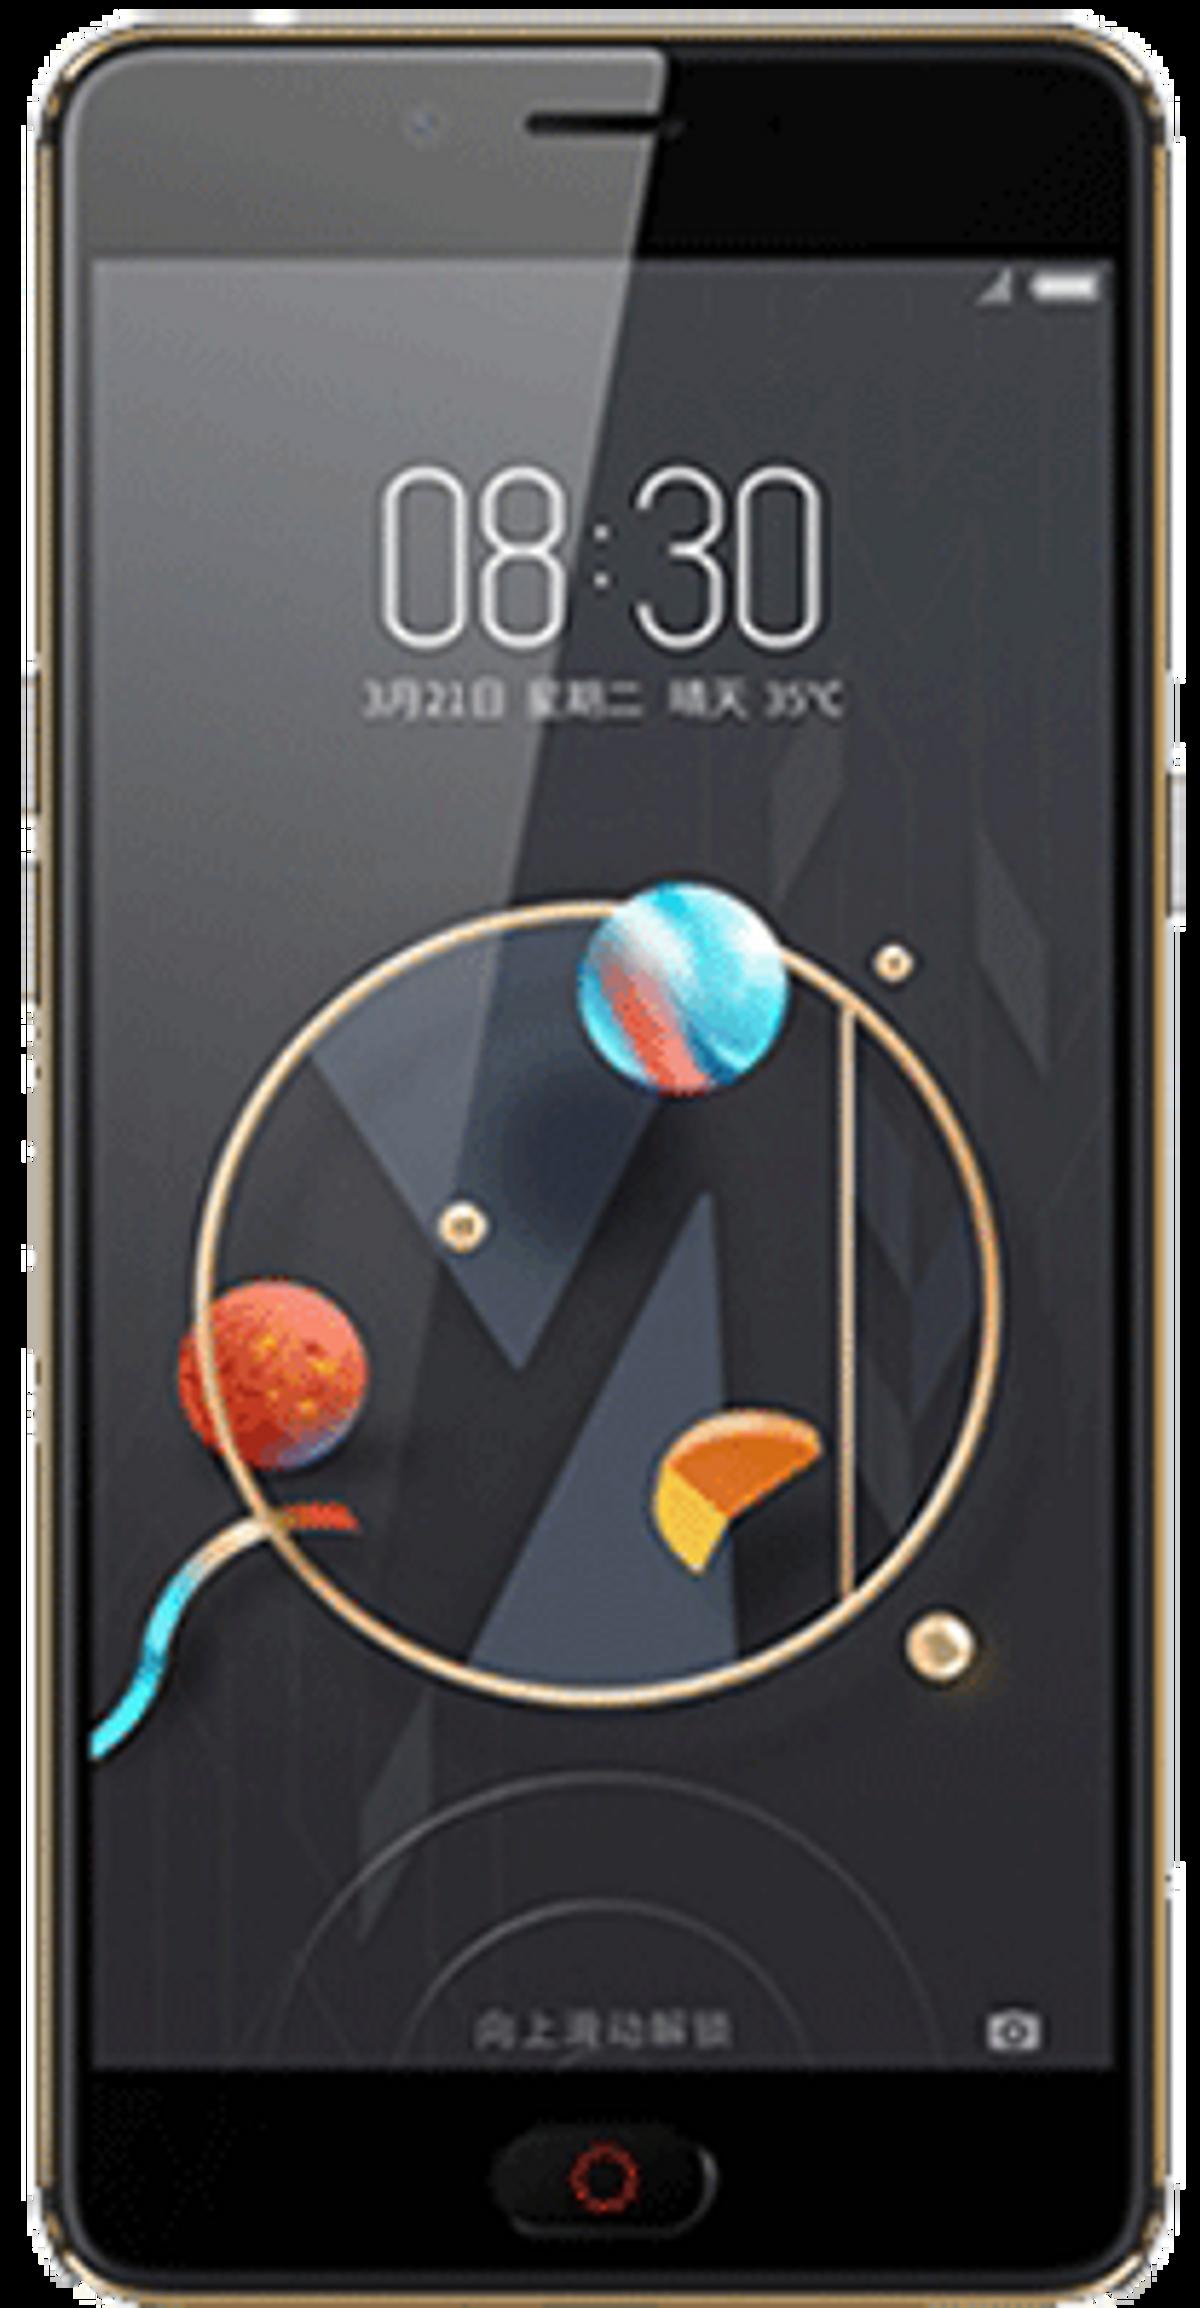 Best Nubia Phones Under 10000 - August 2019 in India | Digit in